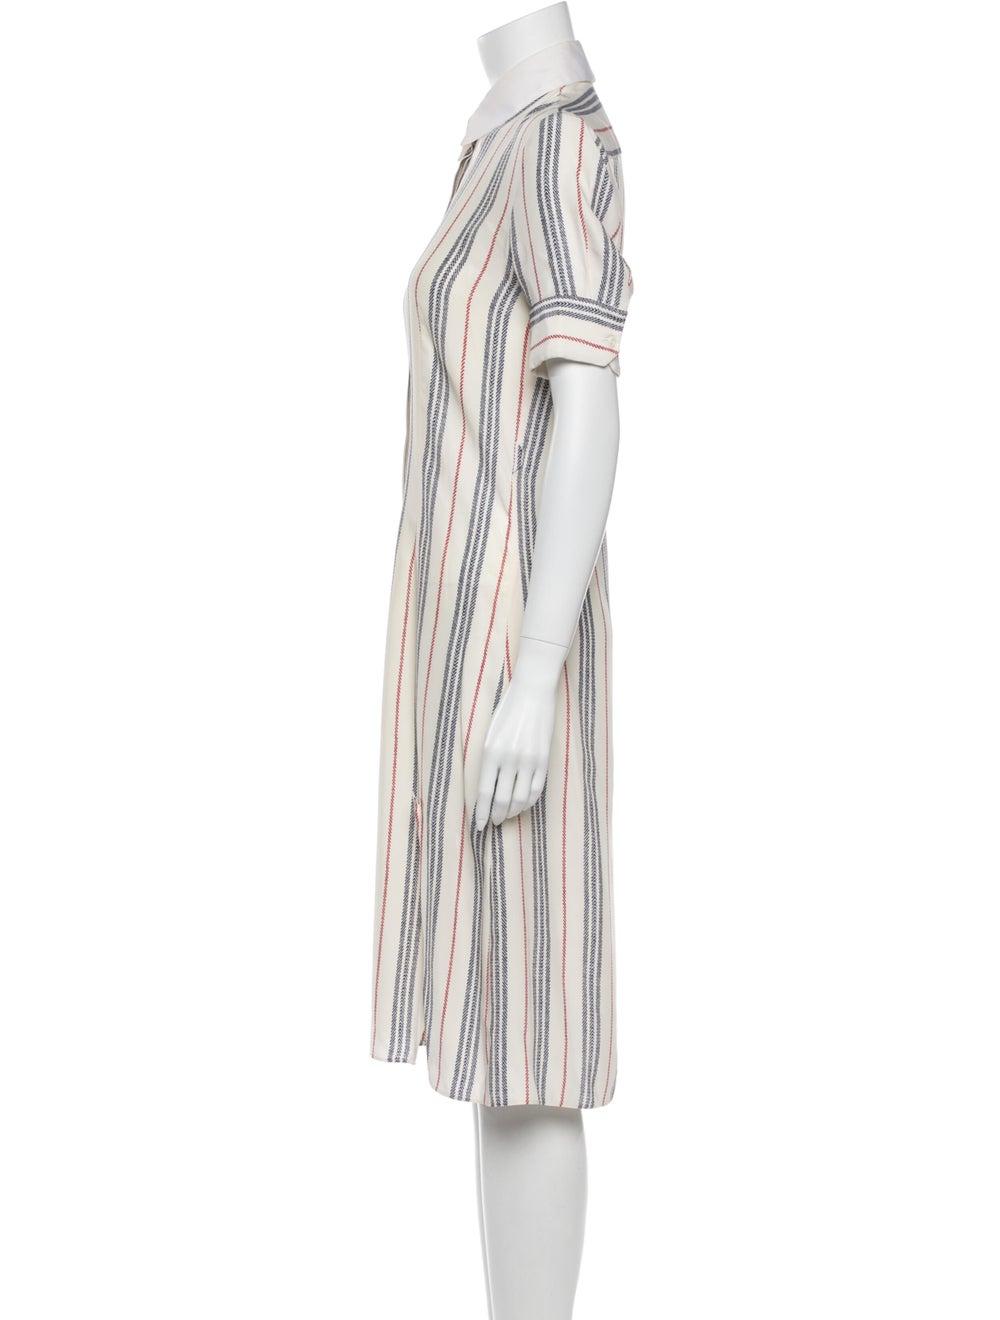 Altuzarra Silk Midi Length Dress - image 2